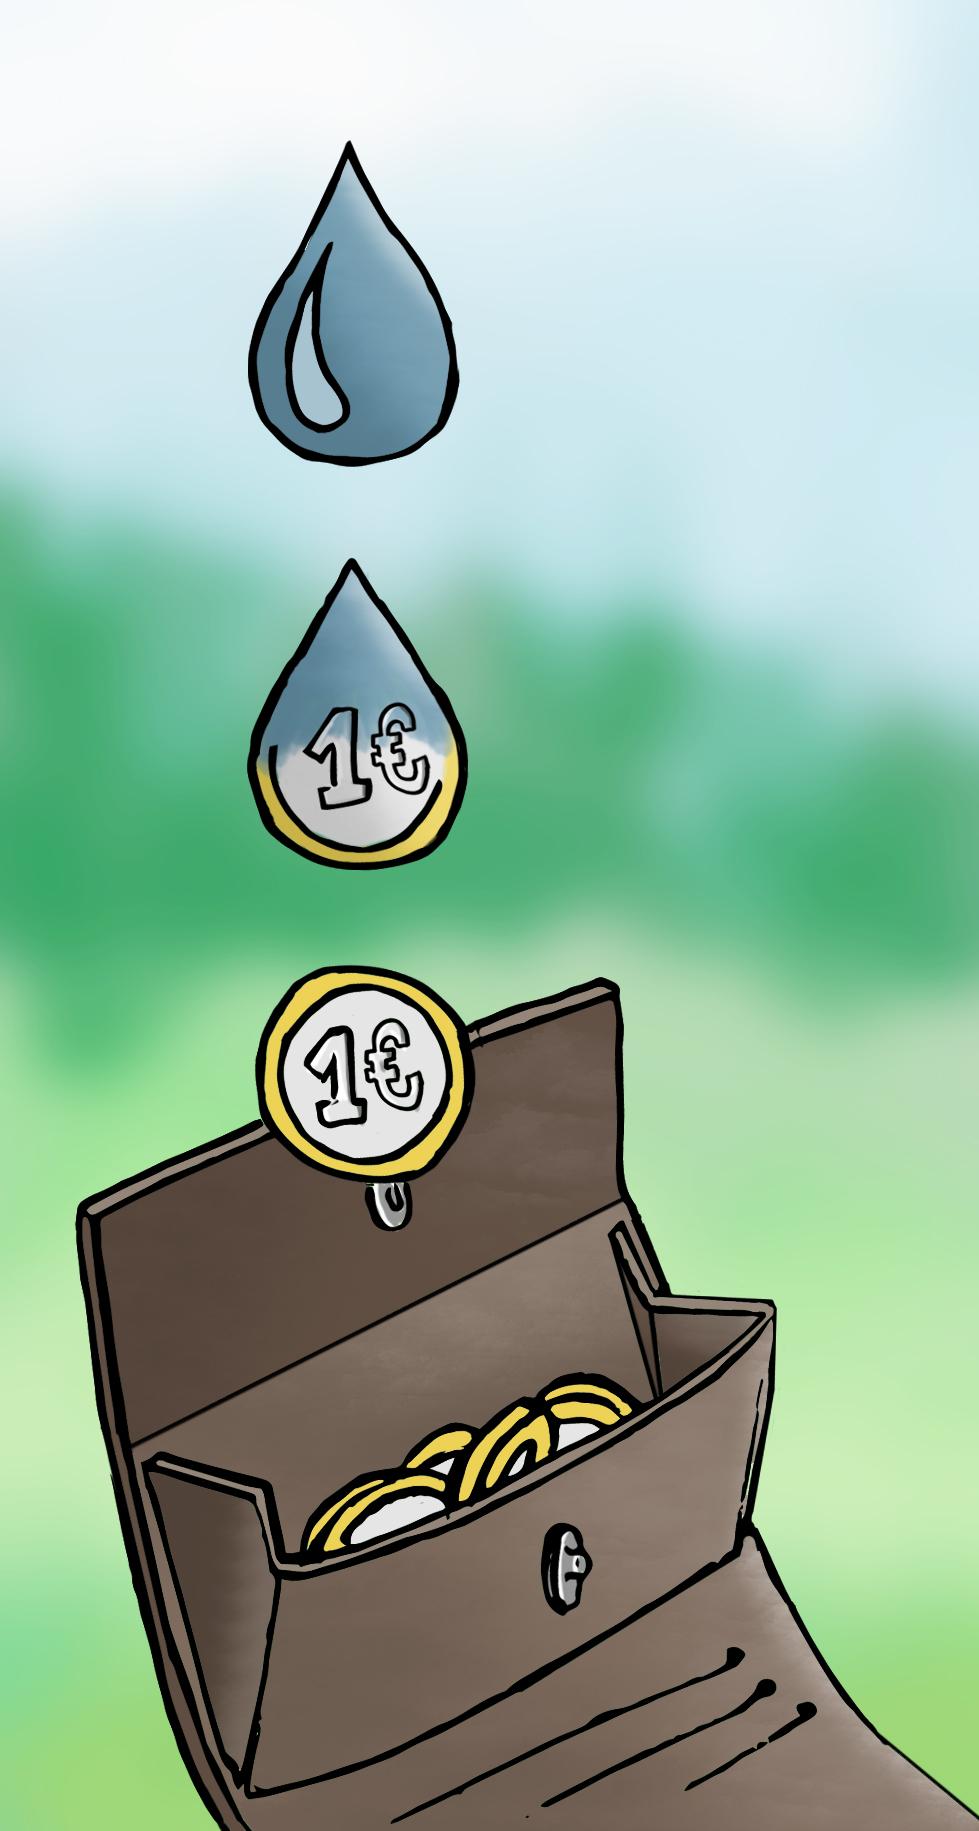 Bild: Geld für Wasser sparen mit einer Regentonne